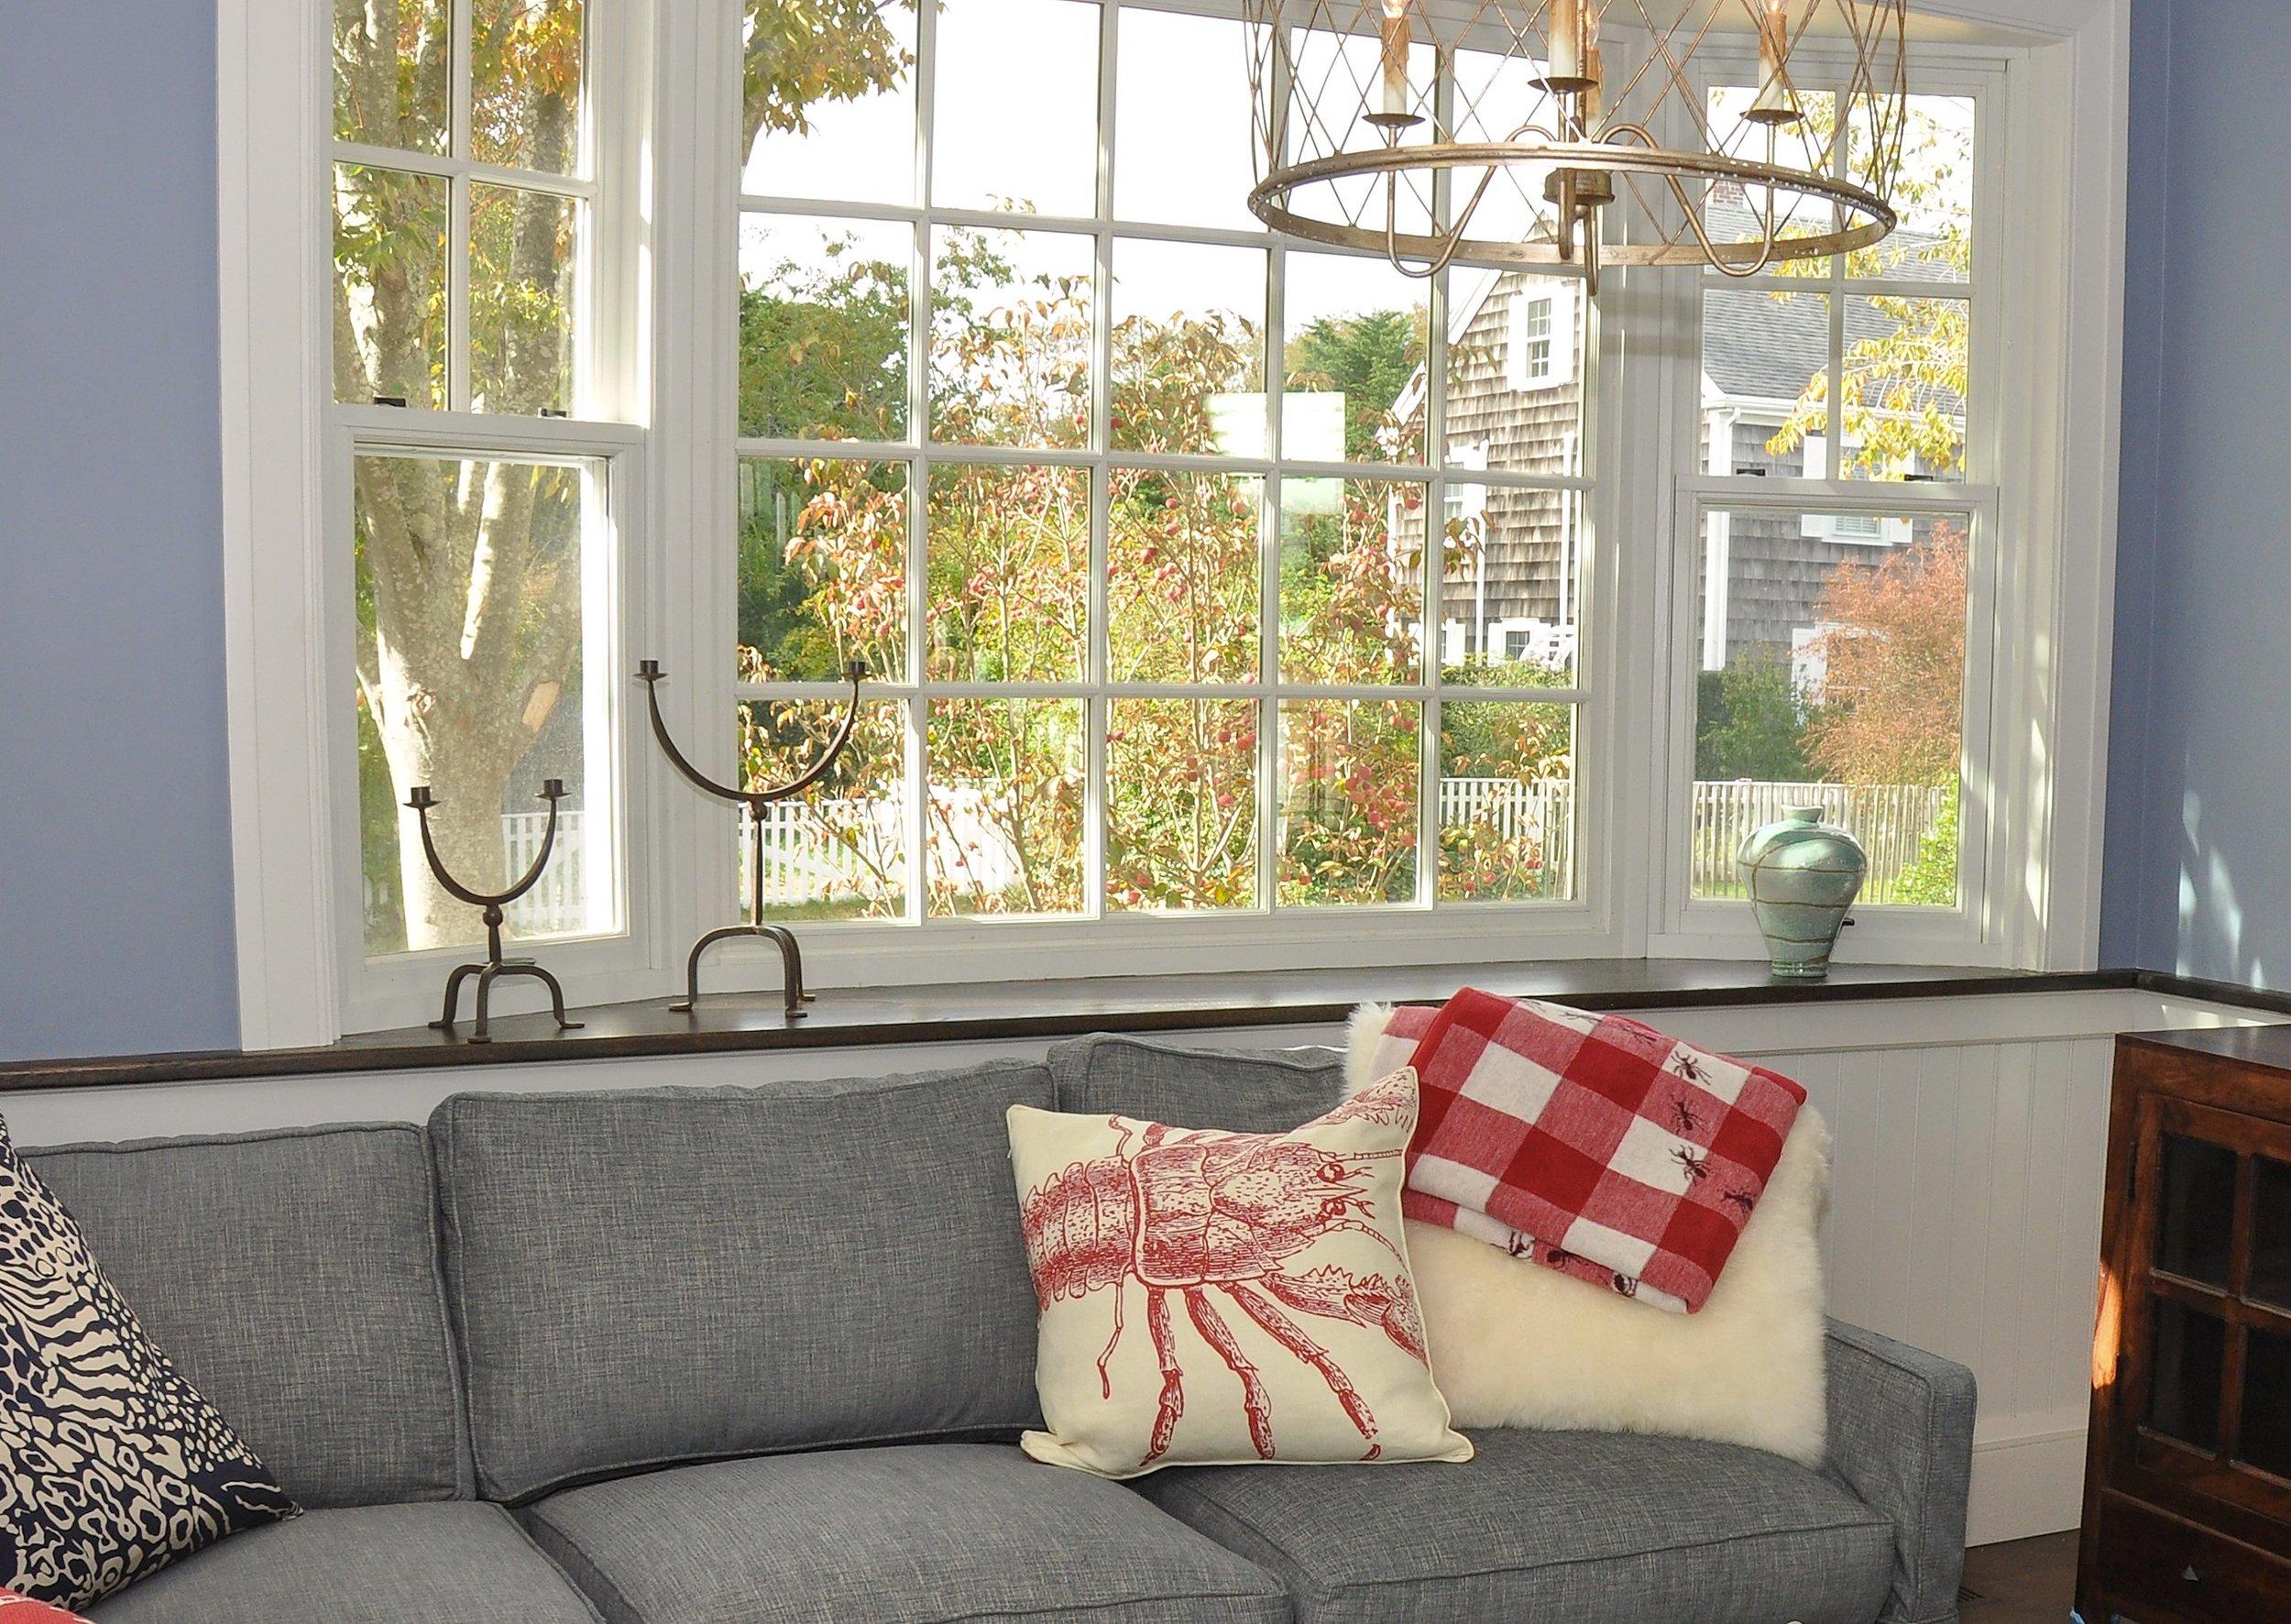 Window_Shelf_Bay_Gold_Chandelier.jpg